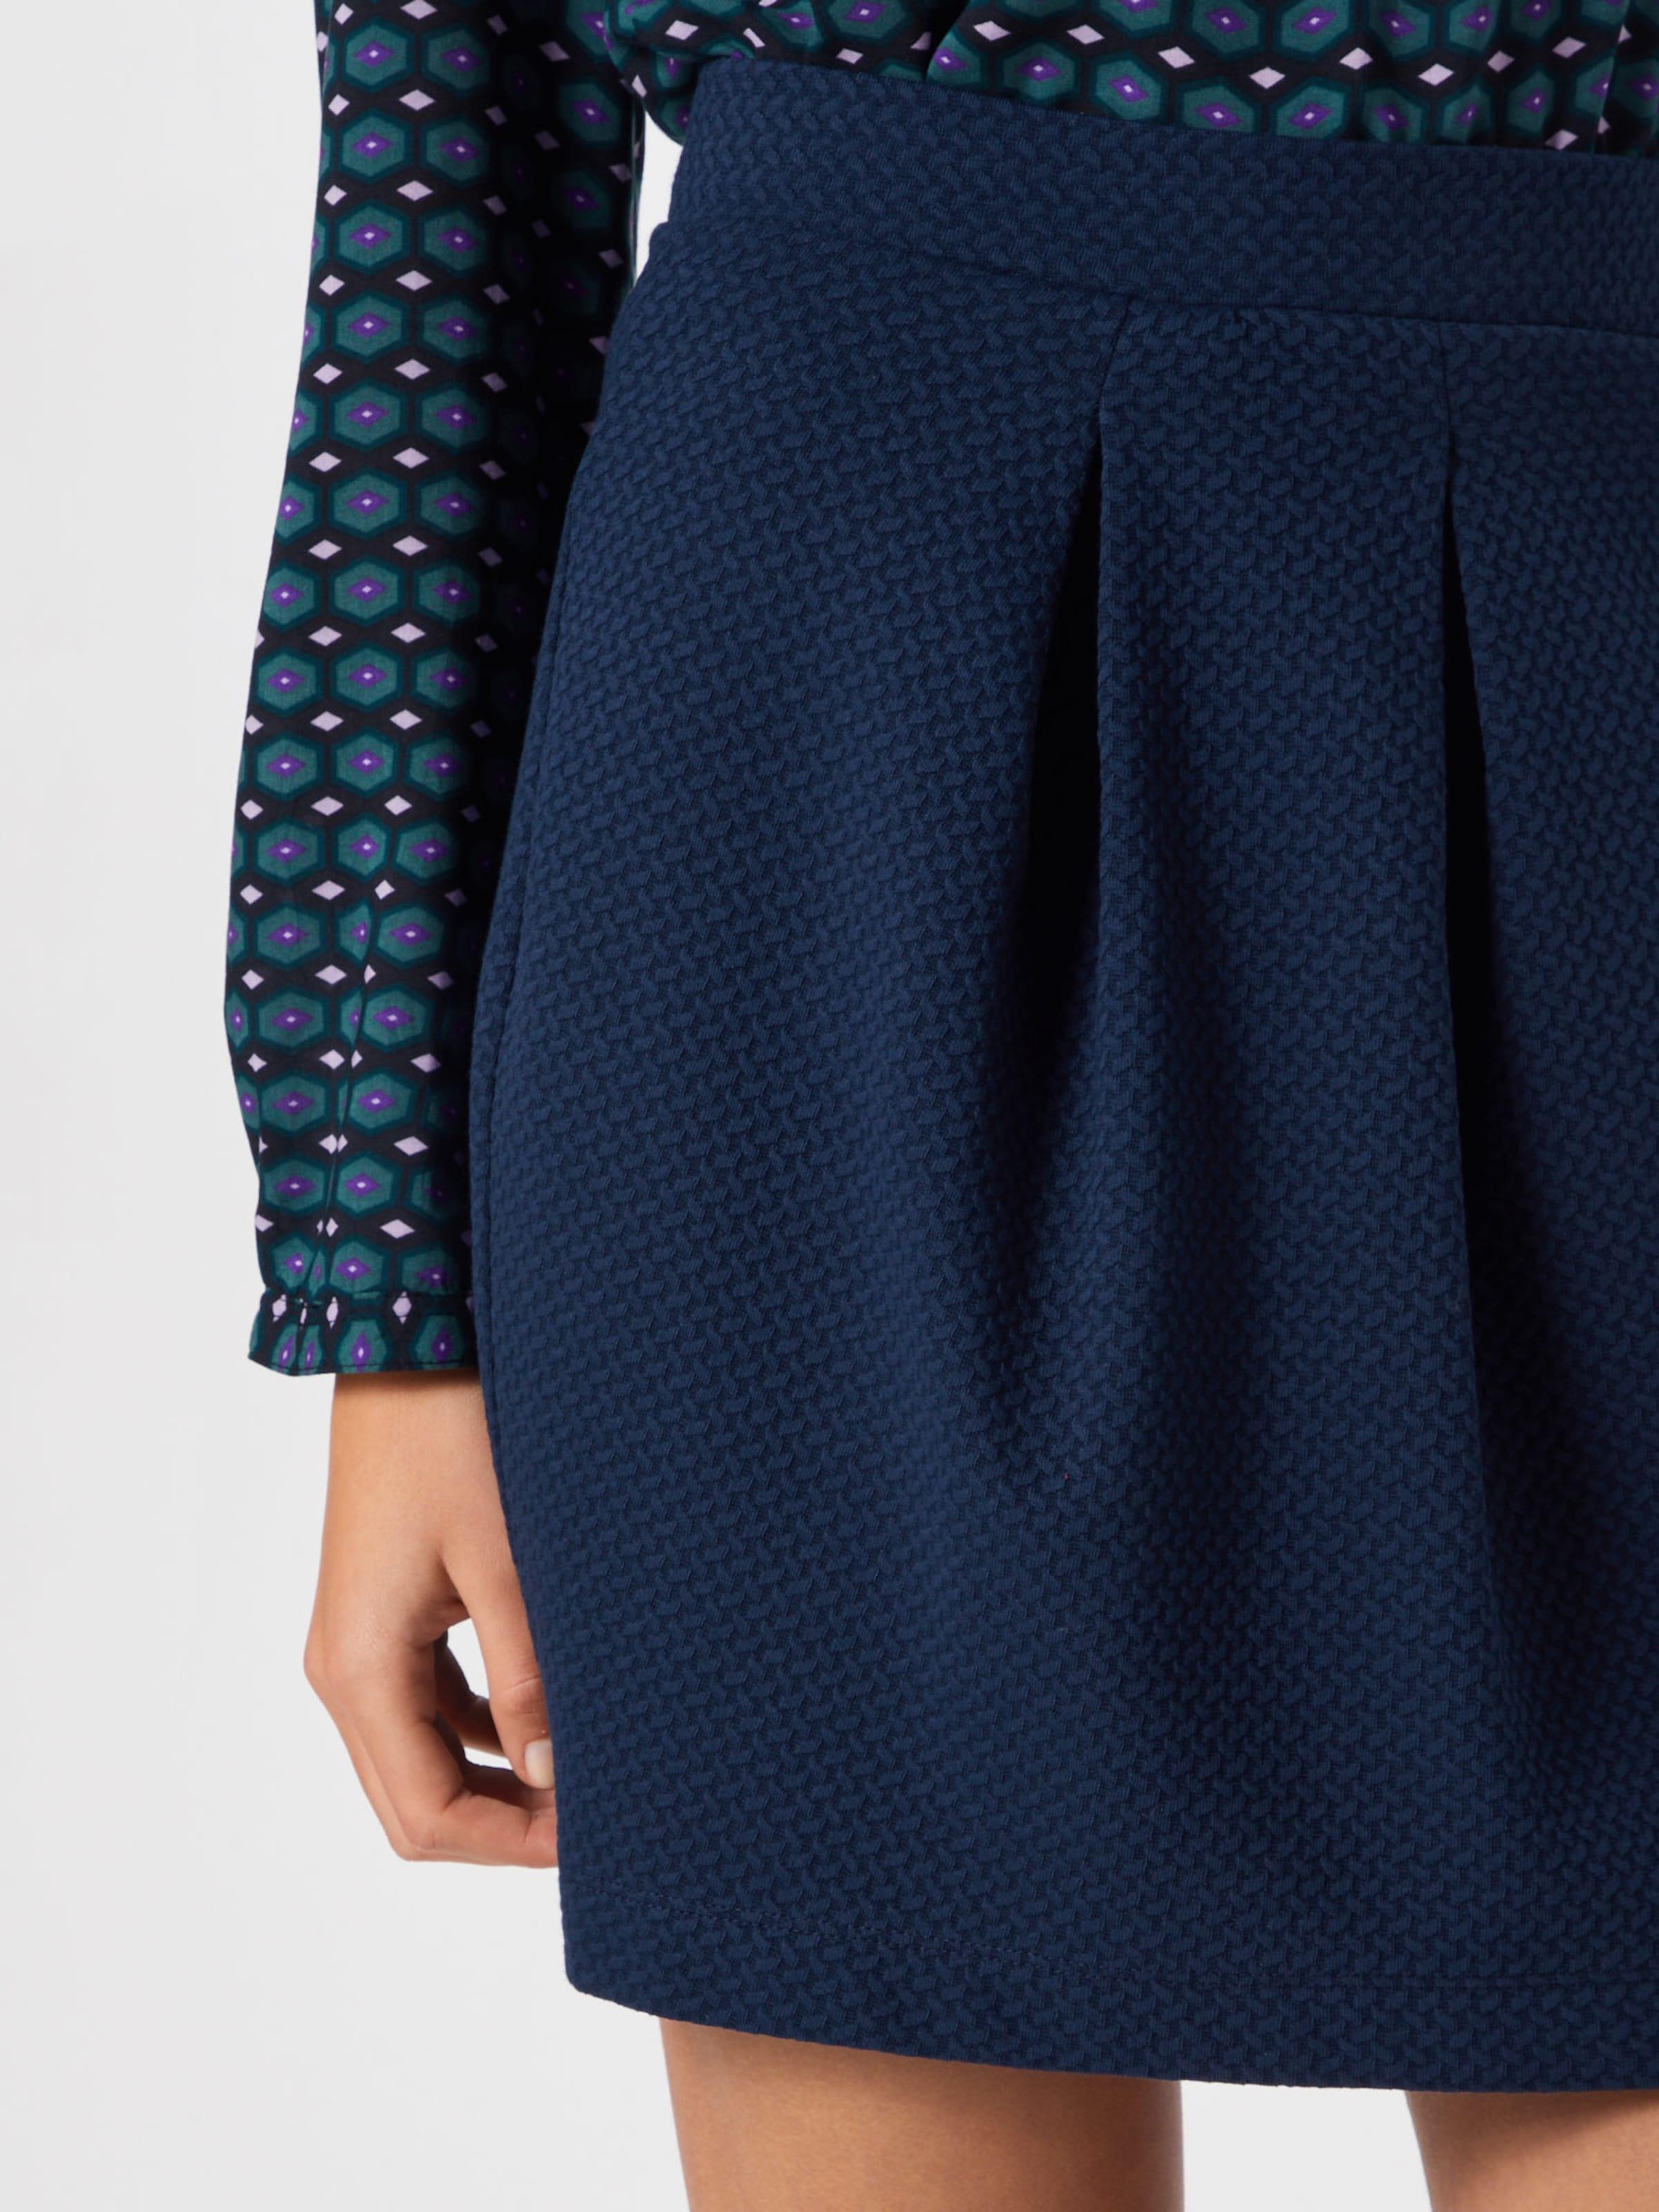 En Noir Skirts 'eos Esprit Skirt Knitted' Jupe fYbg7yv6